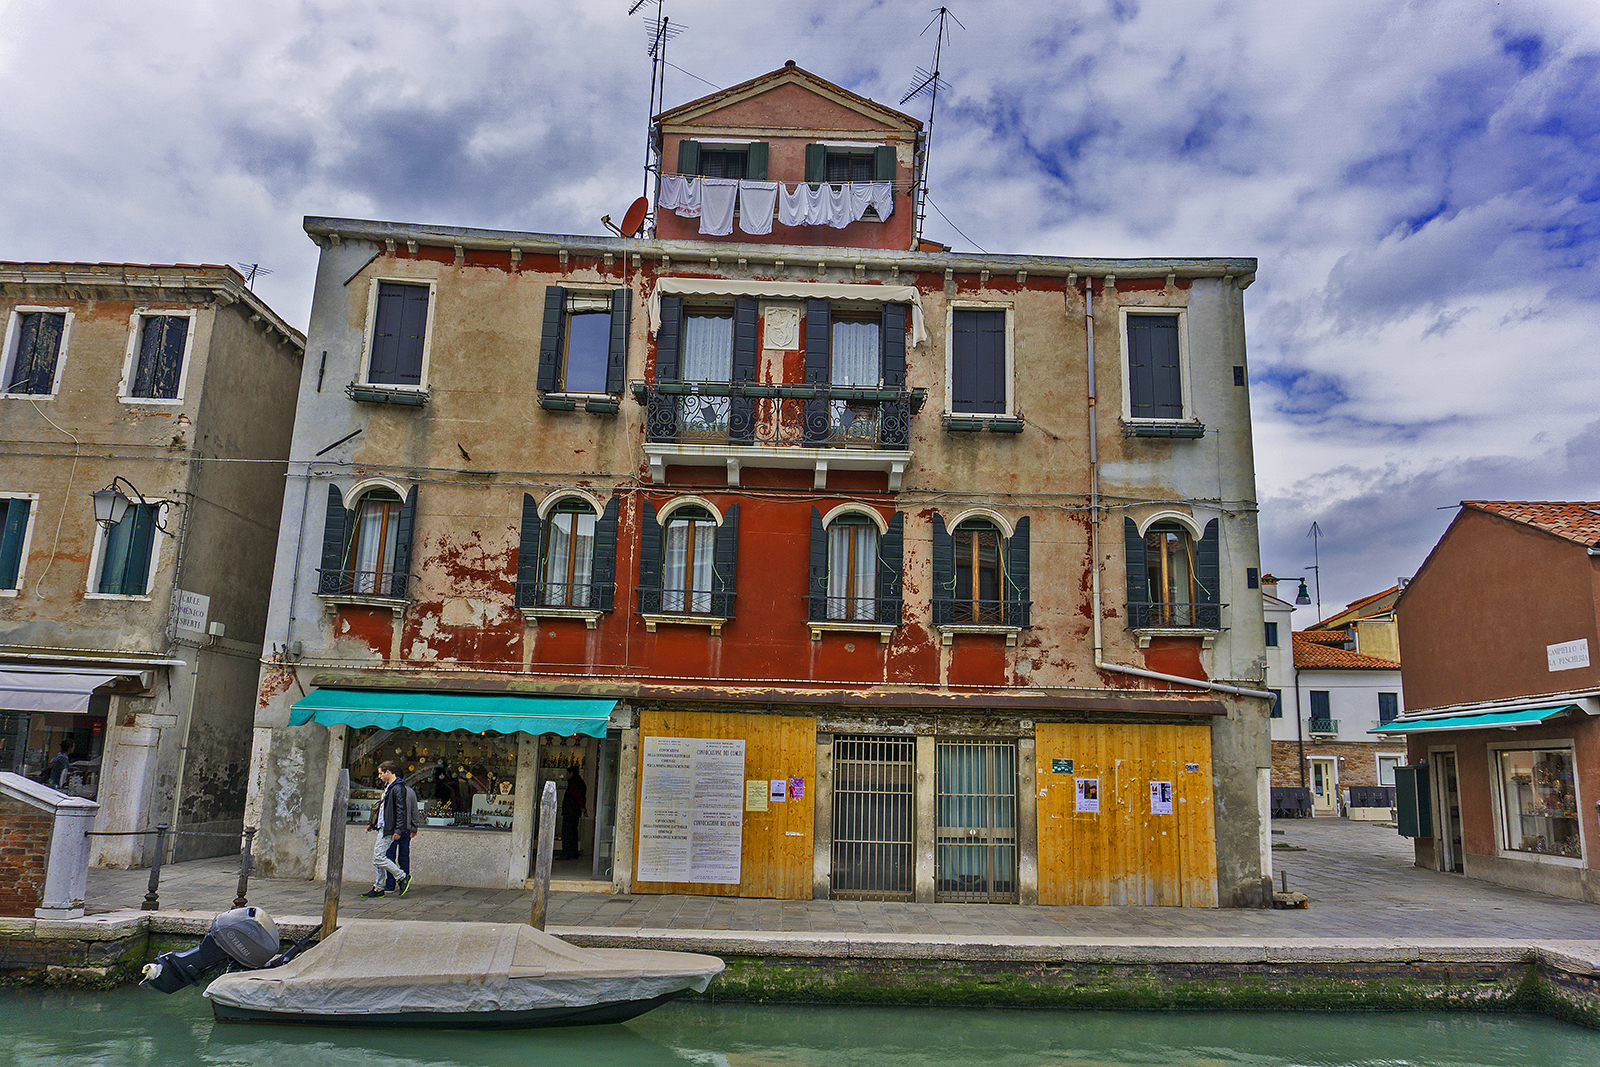 Murano, Venice Italy